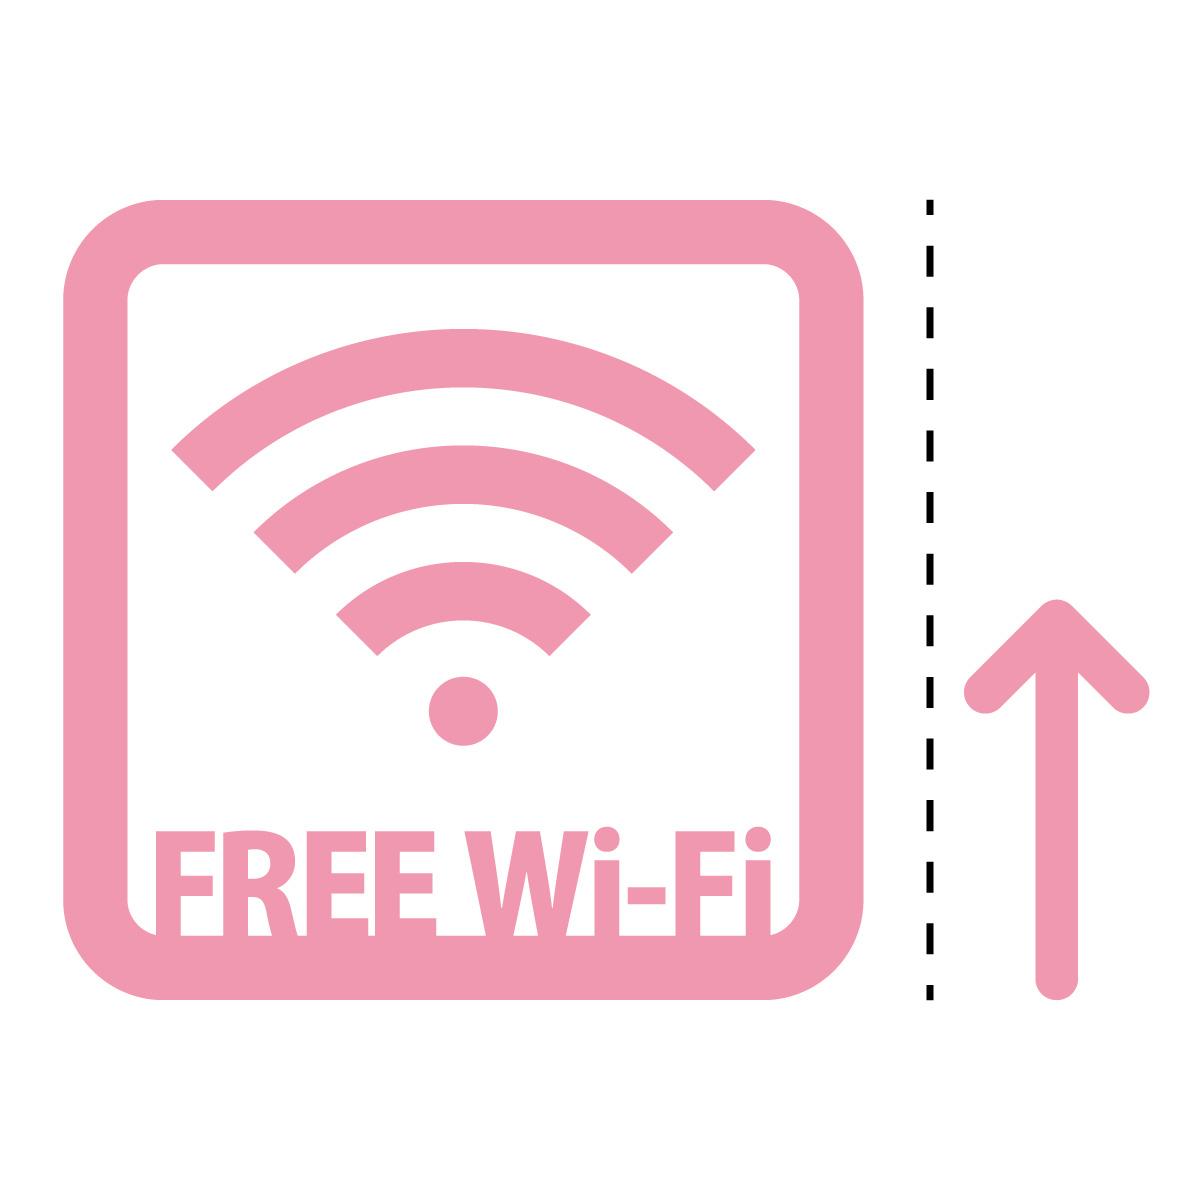 ピンク色のフリーワイファイ シール ステッカー FREE Wi-Fi 案内(矢印付き) マークのカッティングステッカー 光沢タイプ・防水・耐水・屋外耐候3~4年